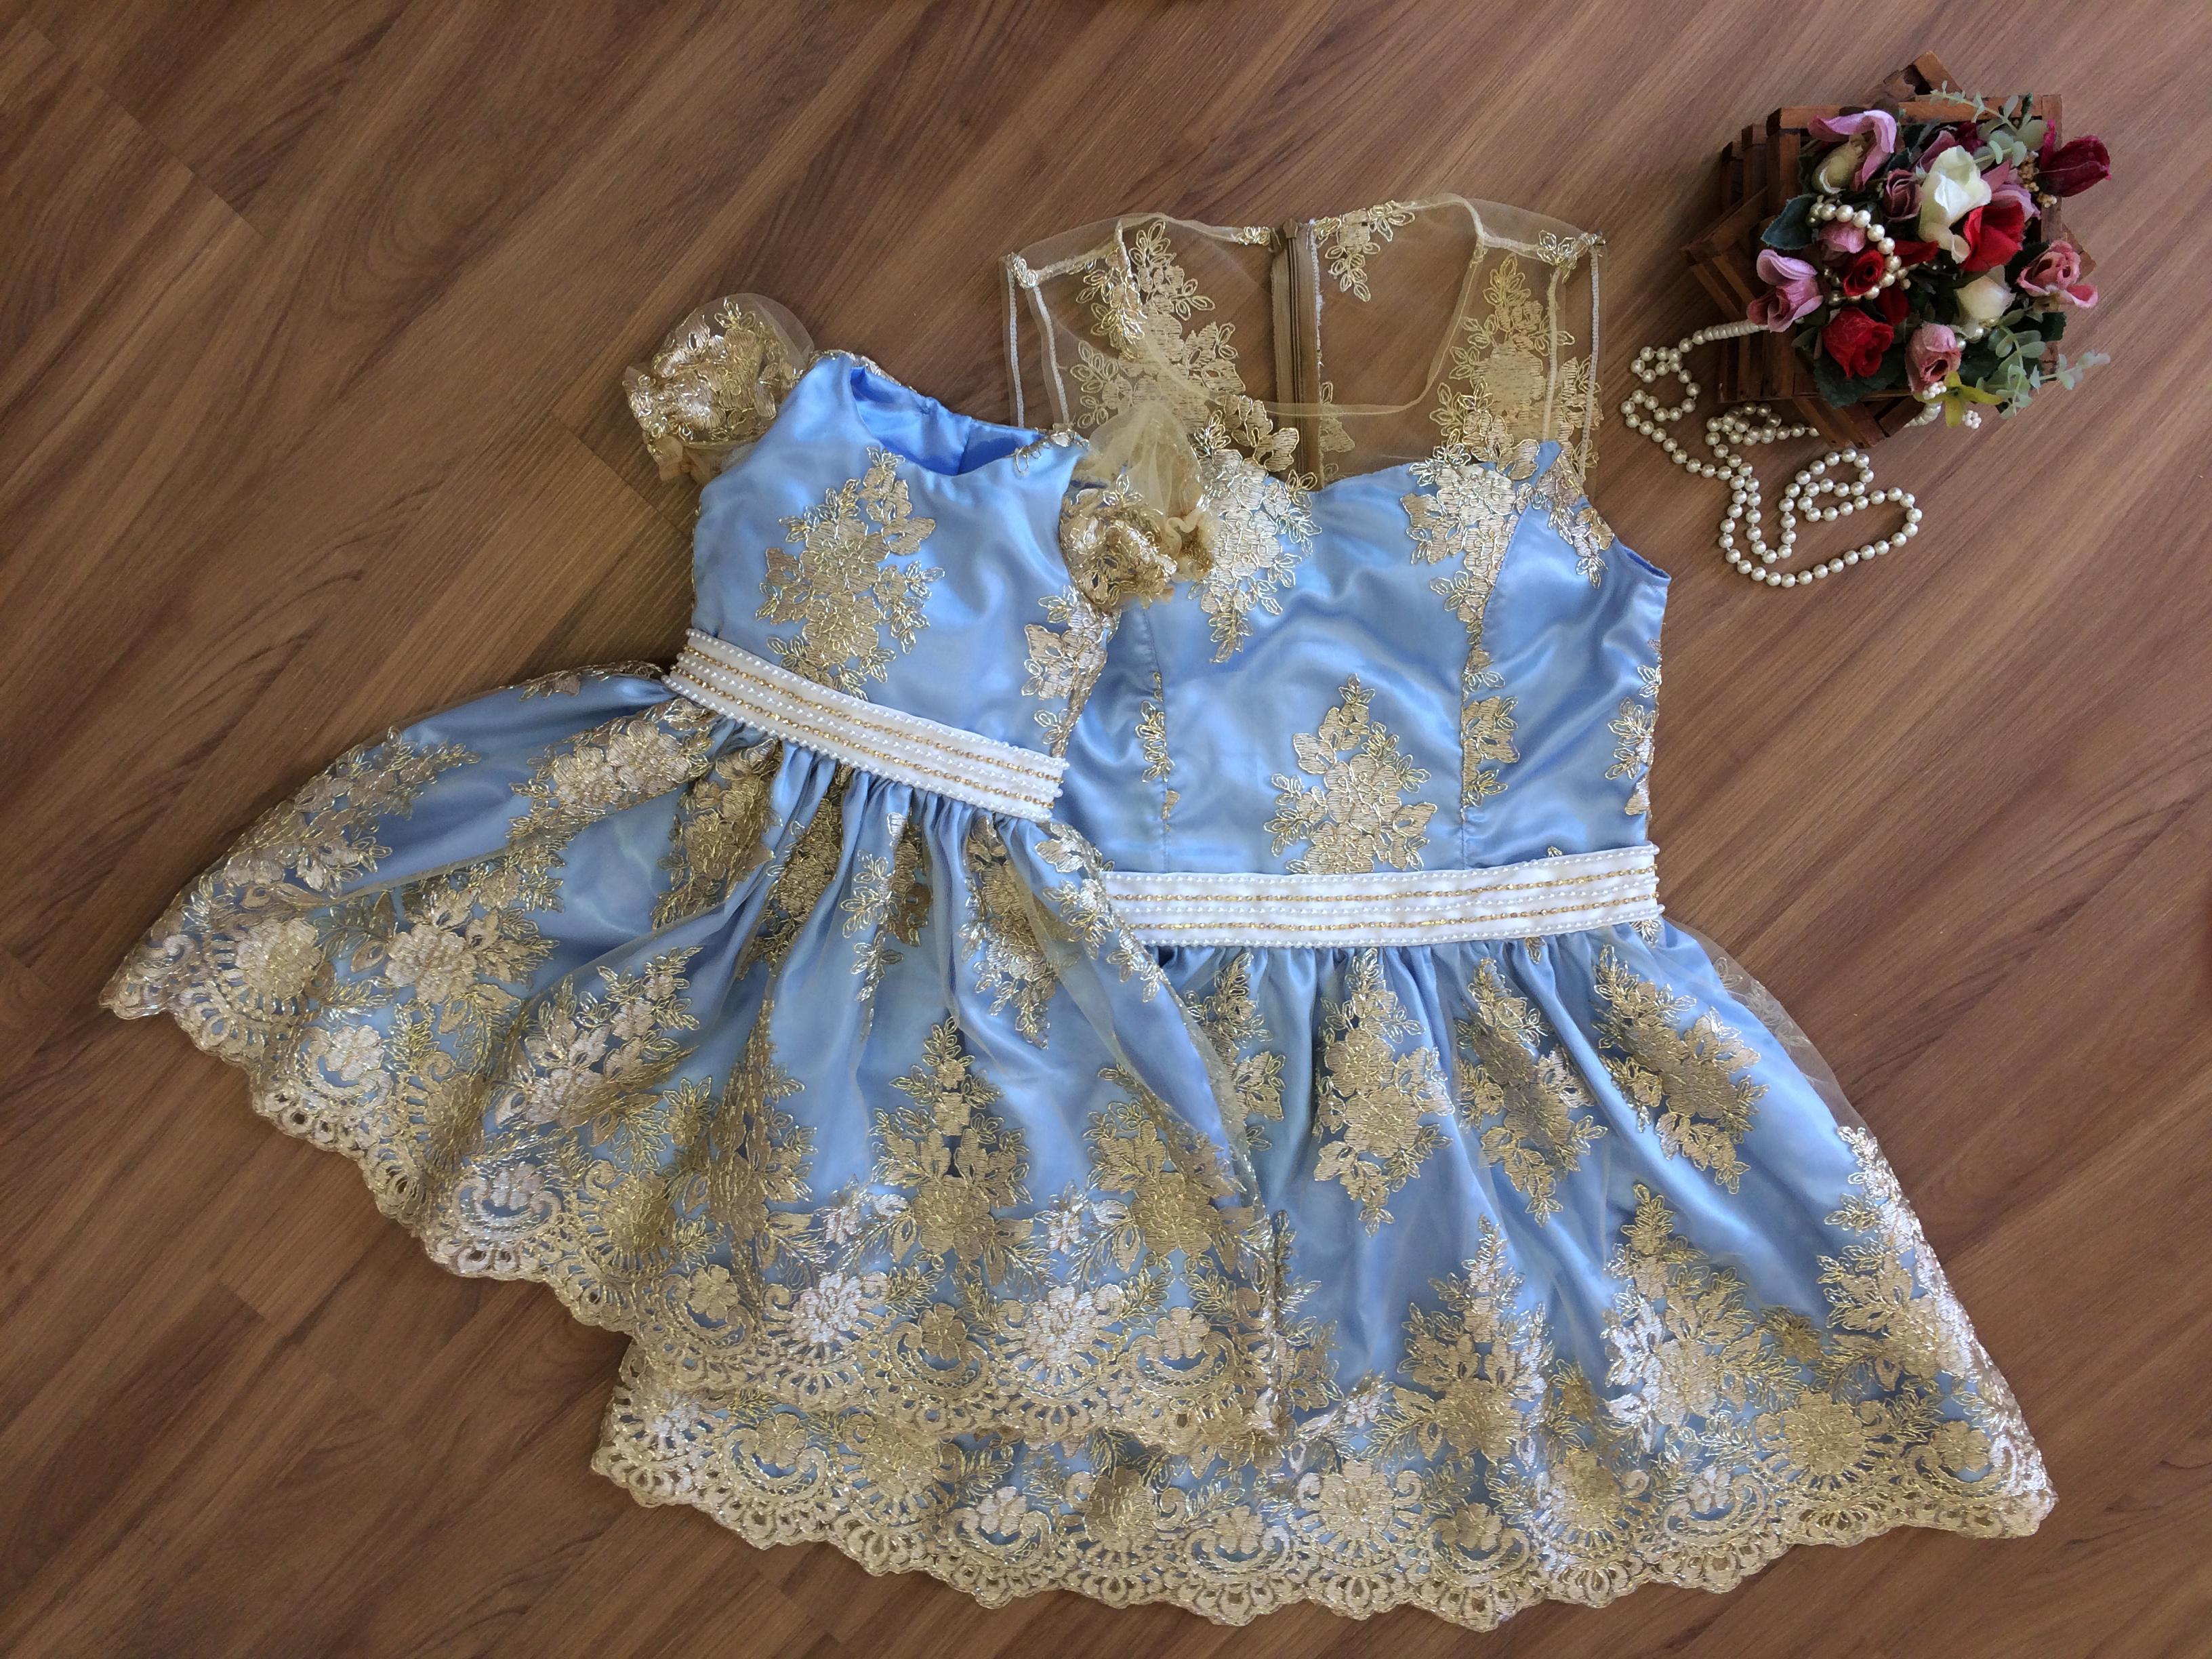 Vestido azul ou dourado imagem original